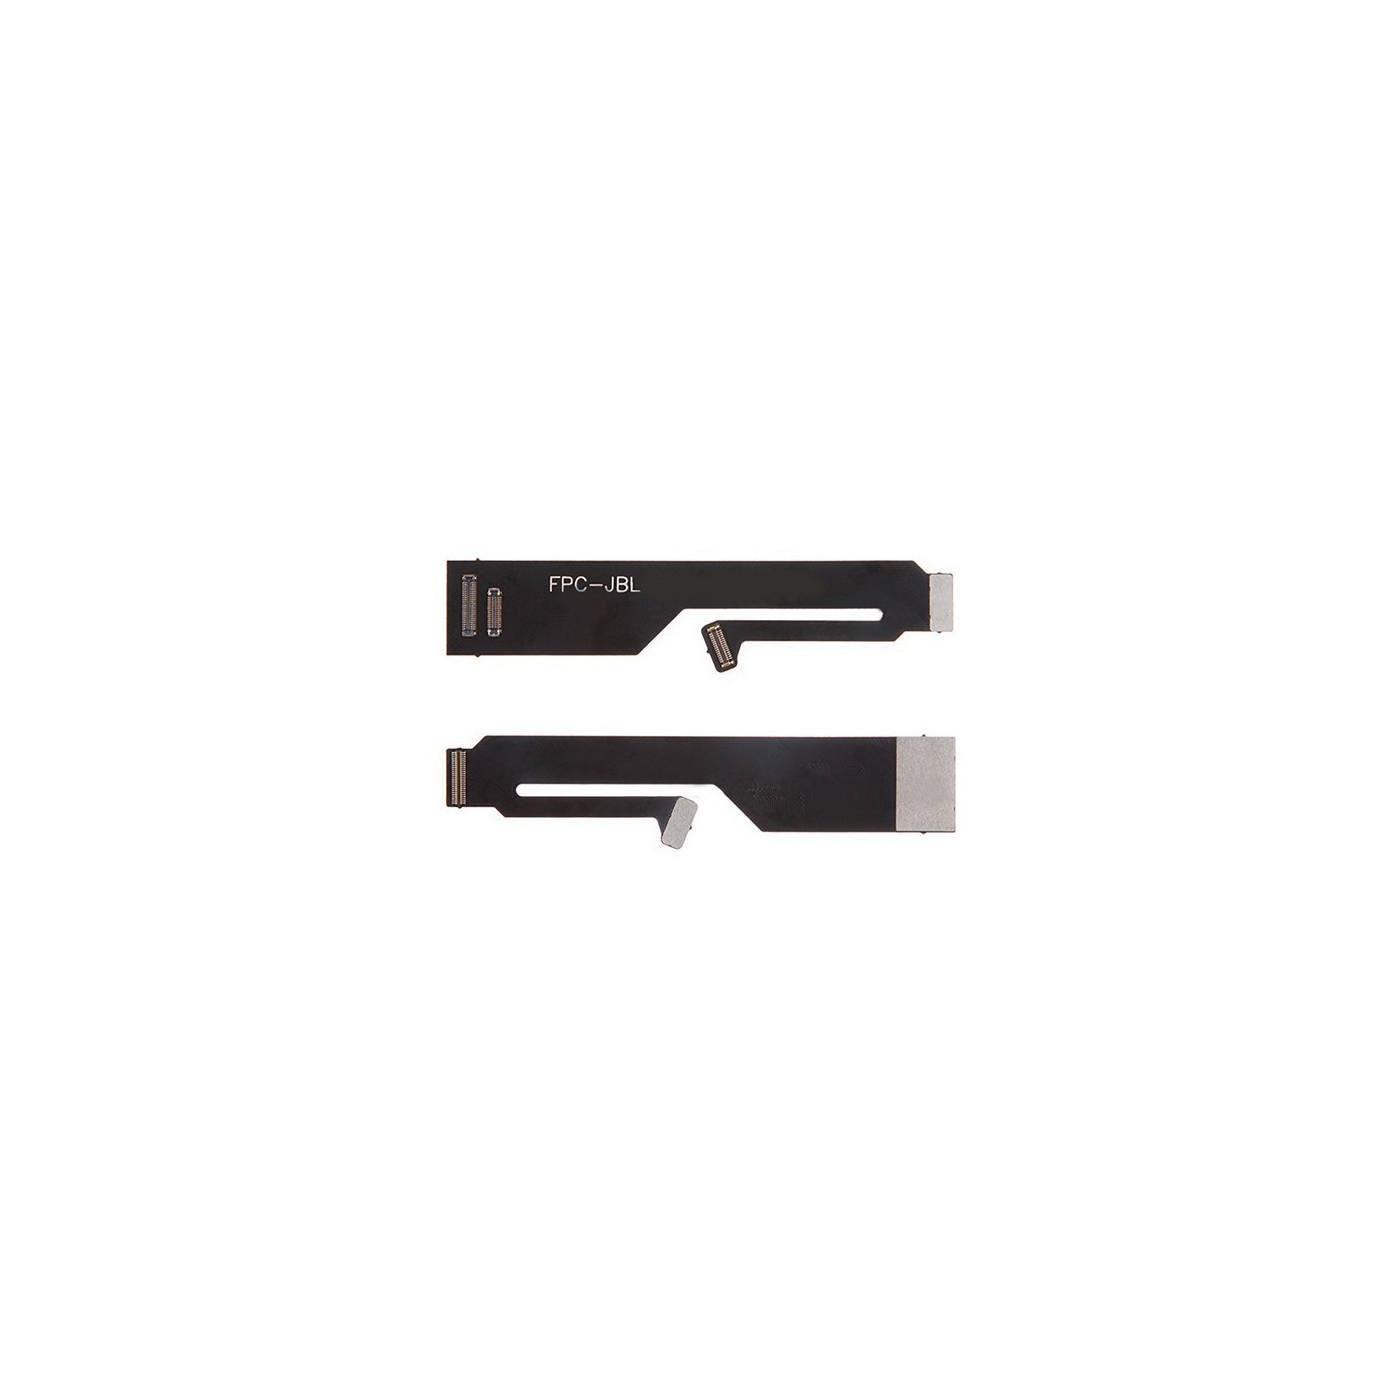 LCD-Tester und Digitizer für iPhone 6 Flach Flex Kabel Extender Test